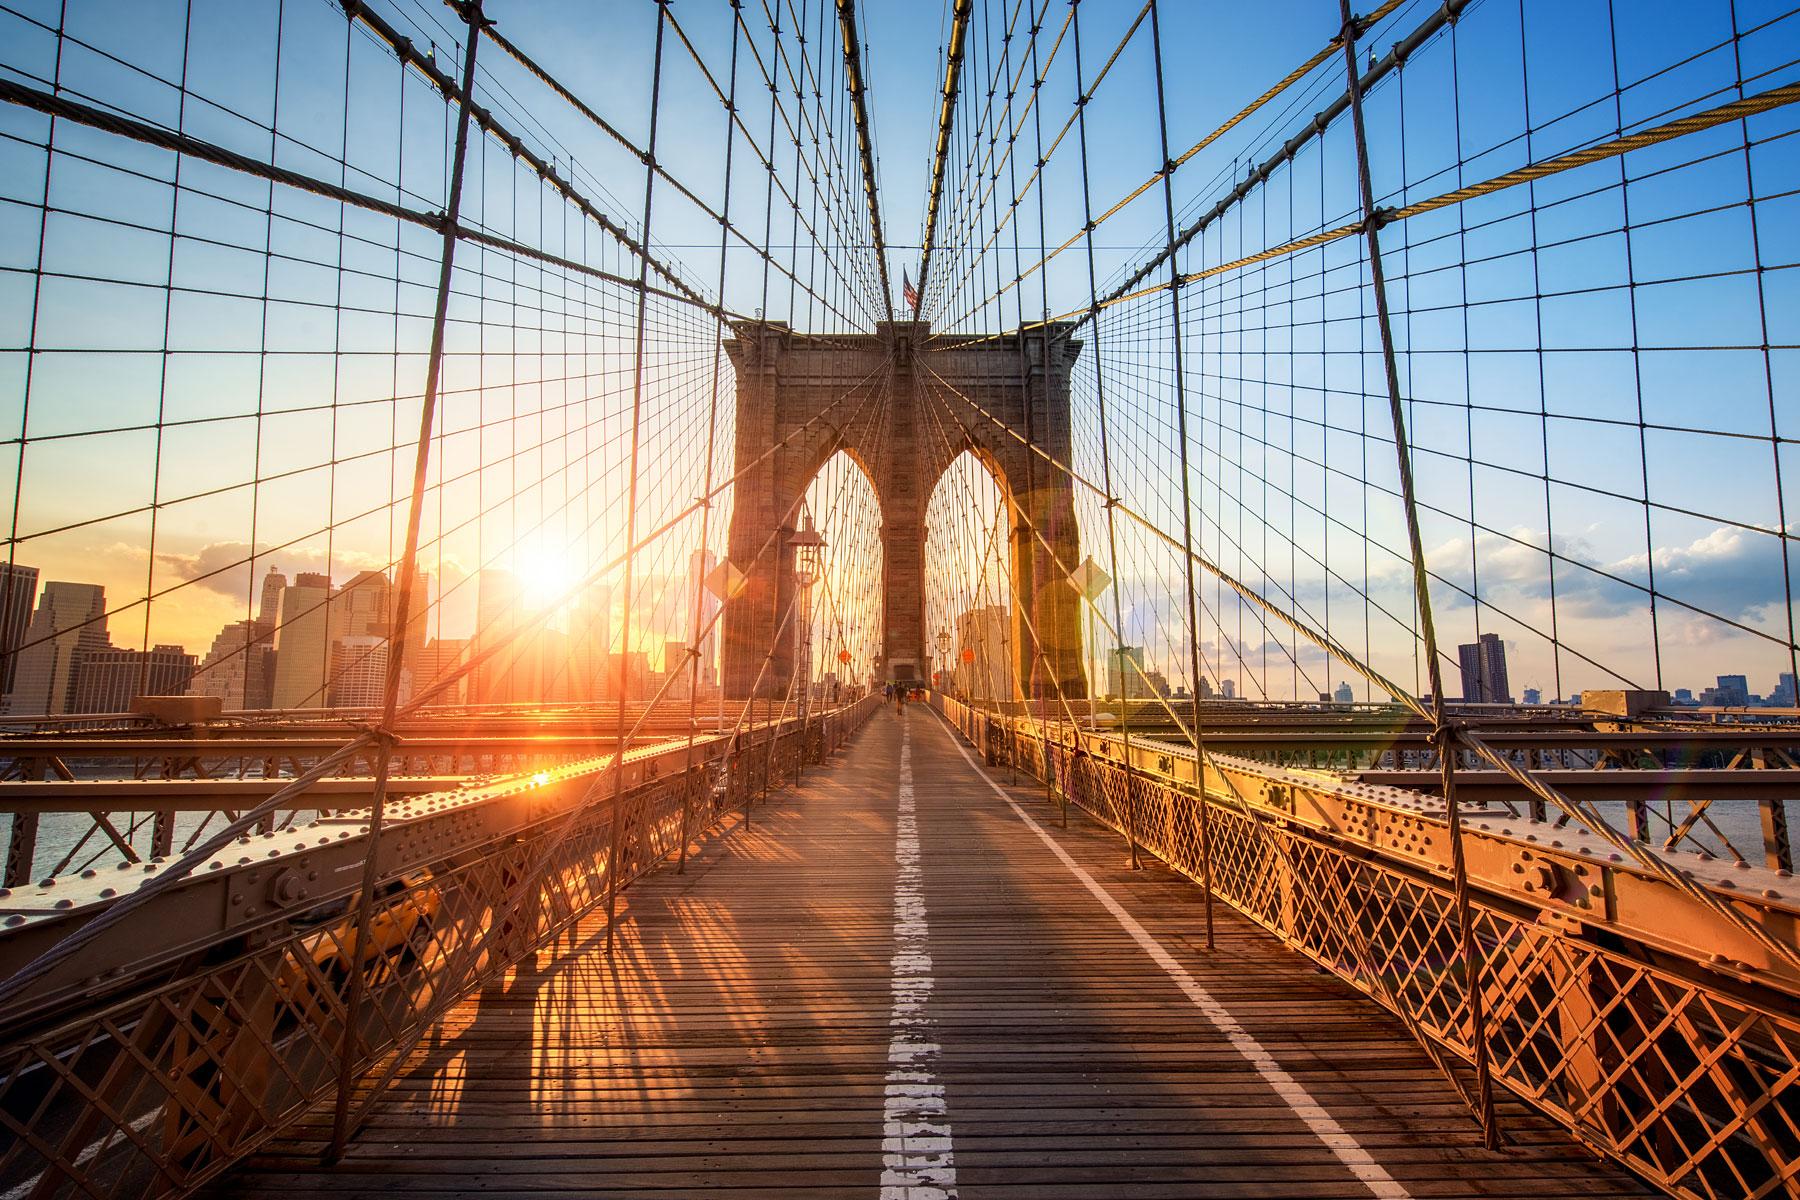 Brooklyn Bridge (Foto: Dollarphotoclub/eyetronic)